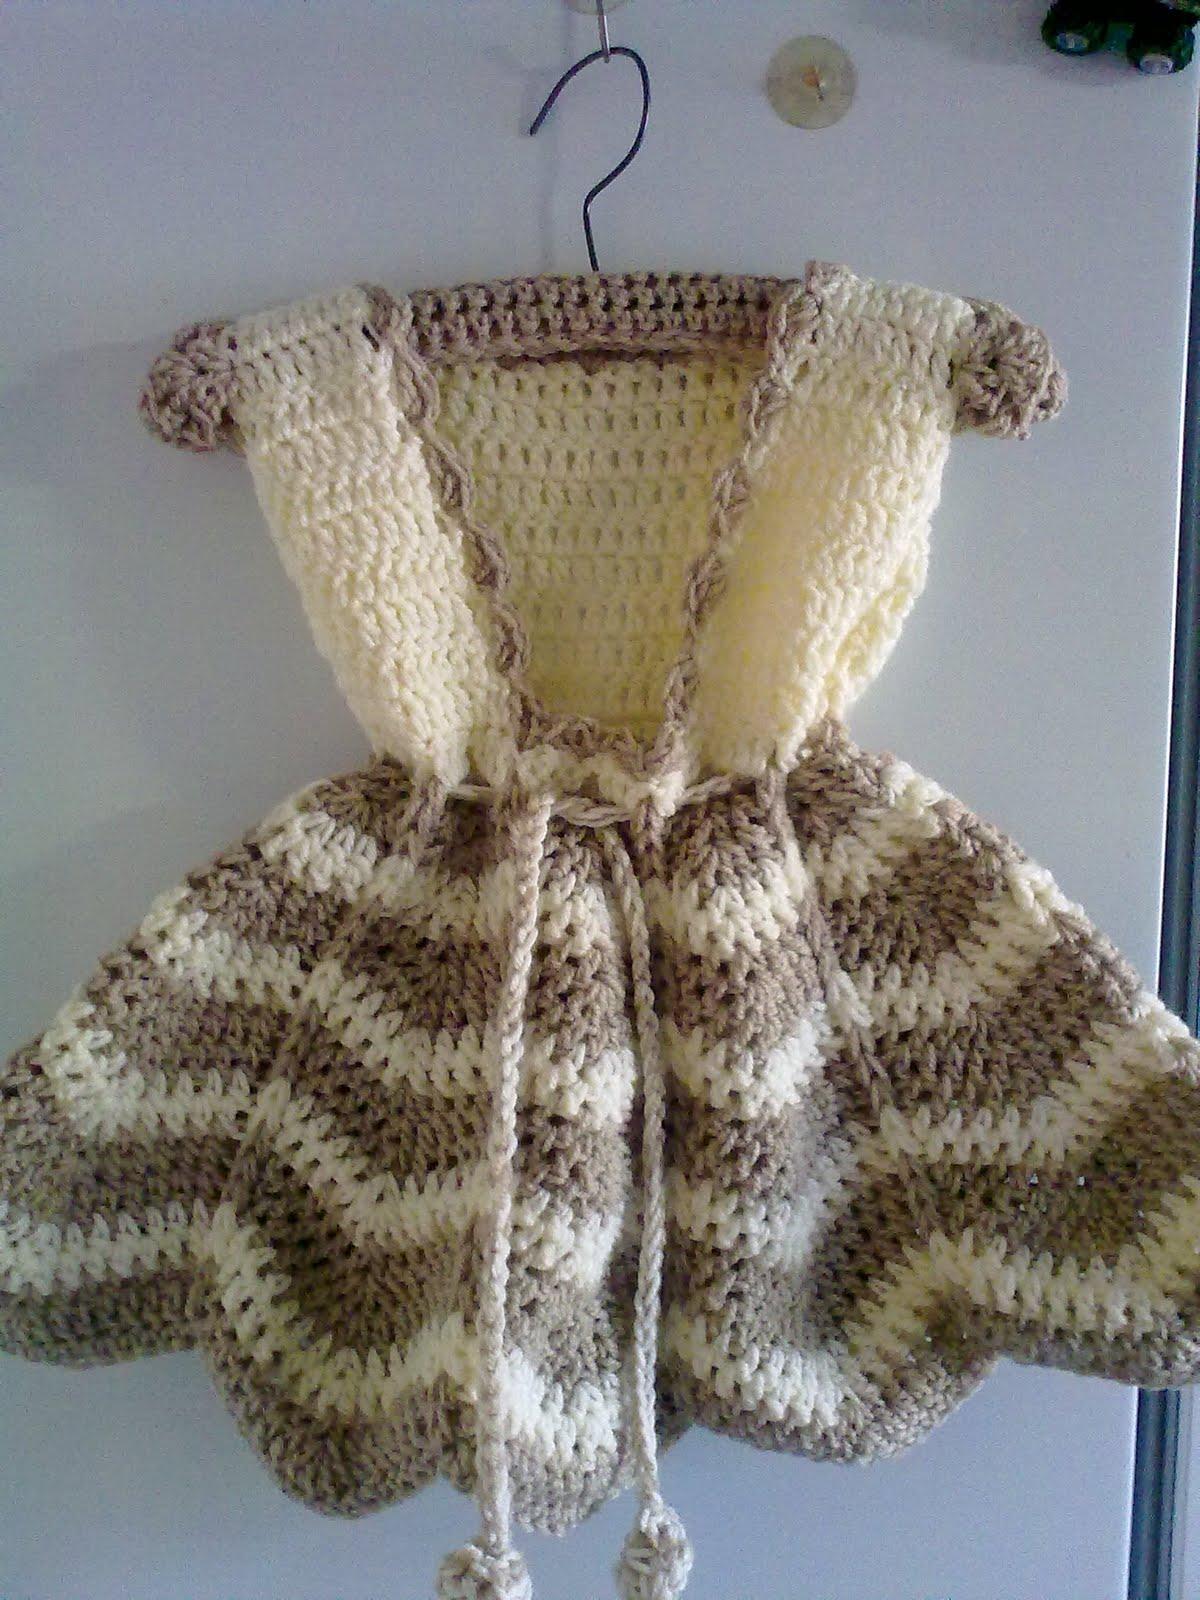 Crochet Little Bag : small town lulu: Crochet peg bag